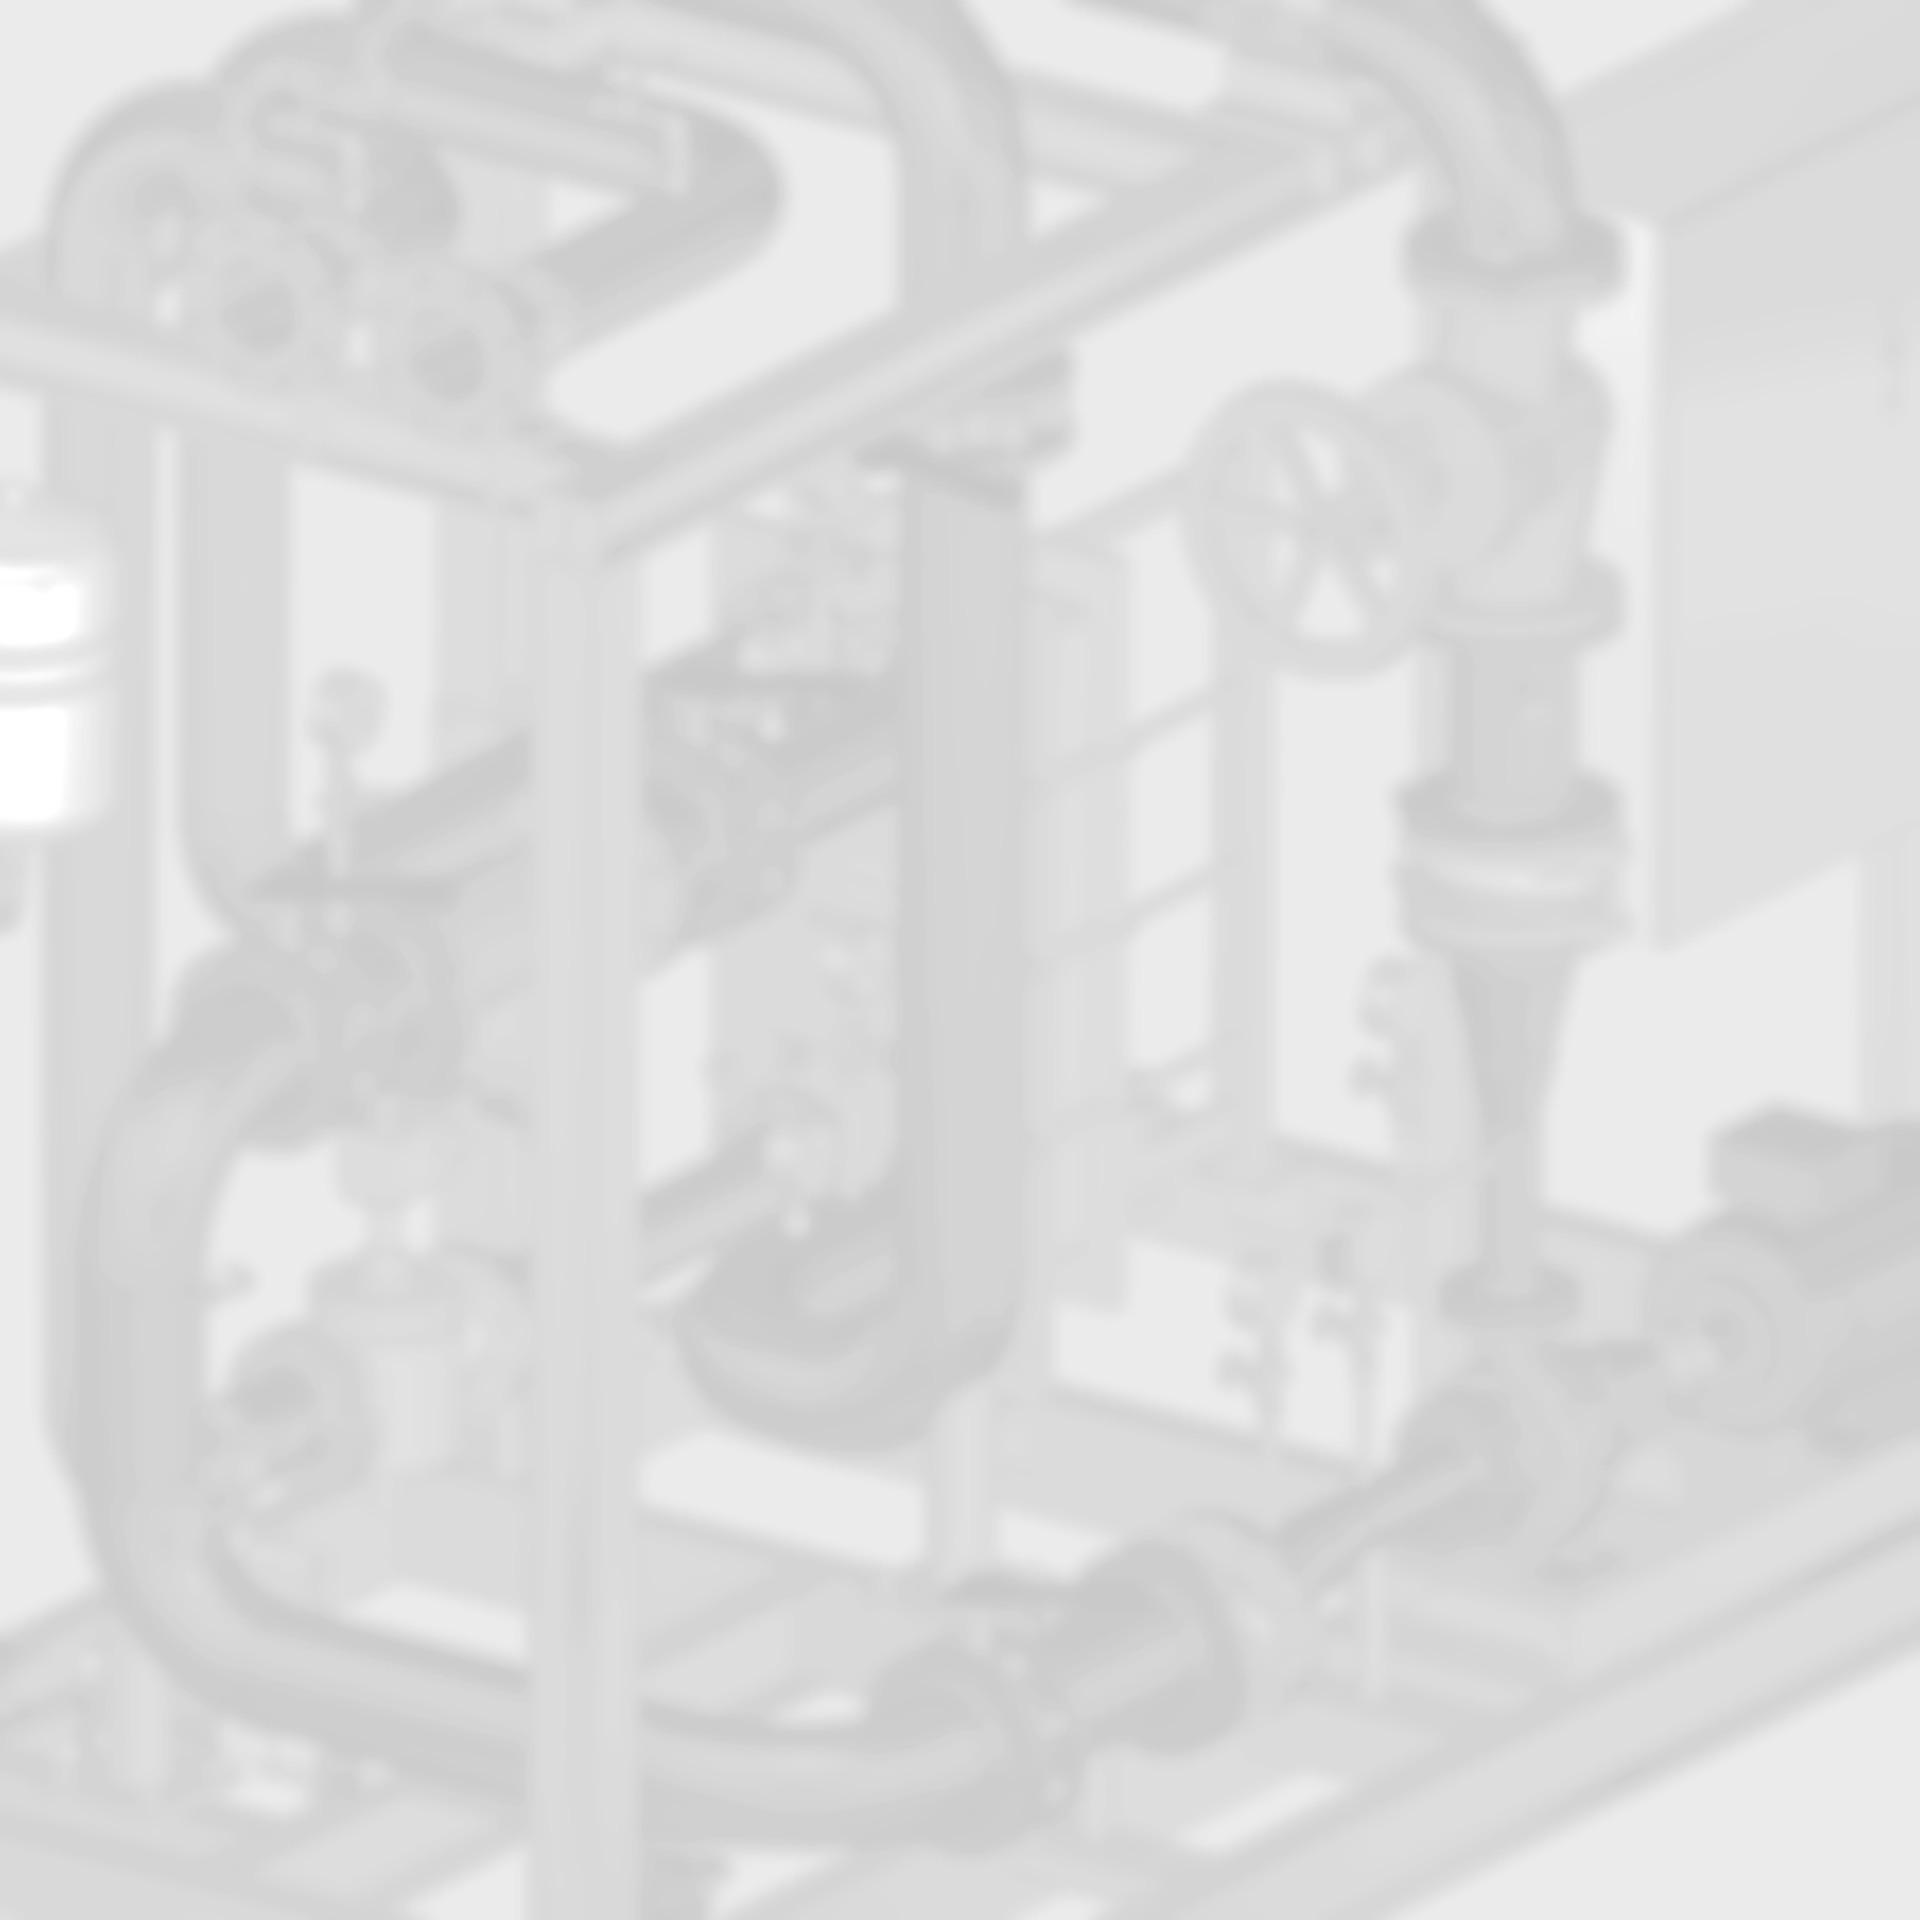 GWA_engineering_made_in_germany_2_Gesellschaft_fuer_Waerme_und_Anlagentechnik_mbH_monochrom